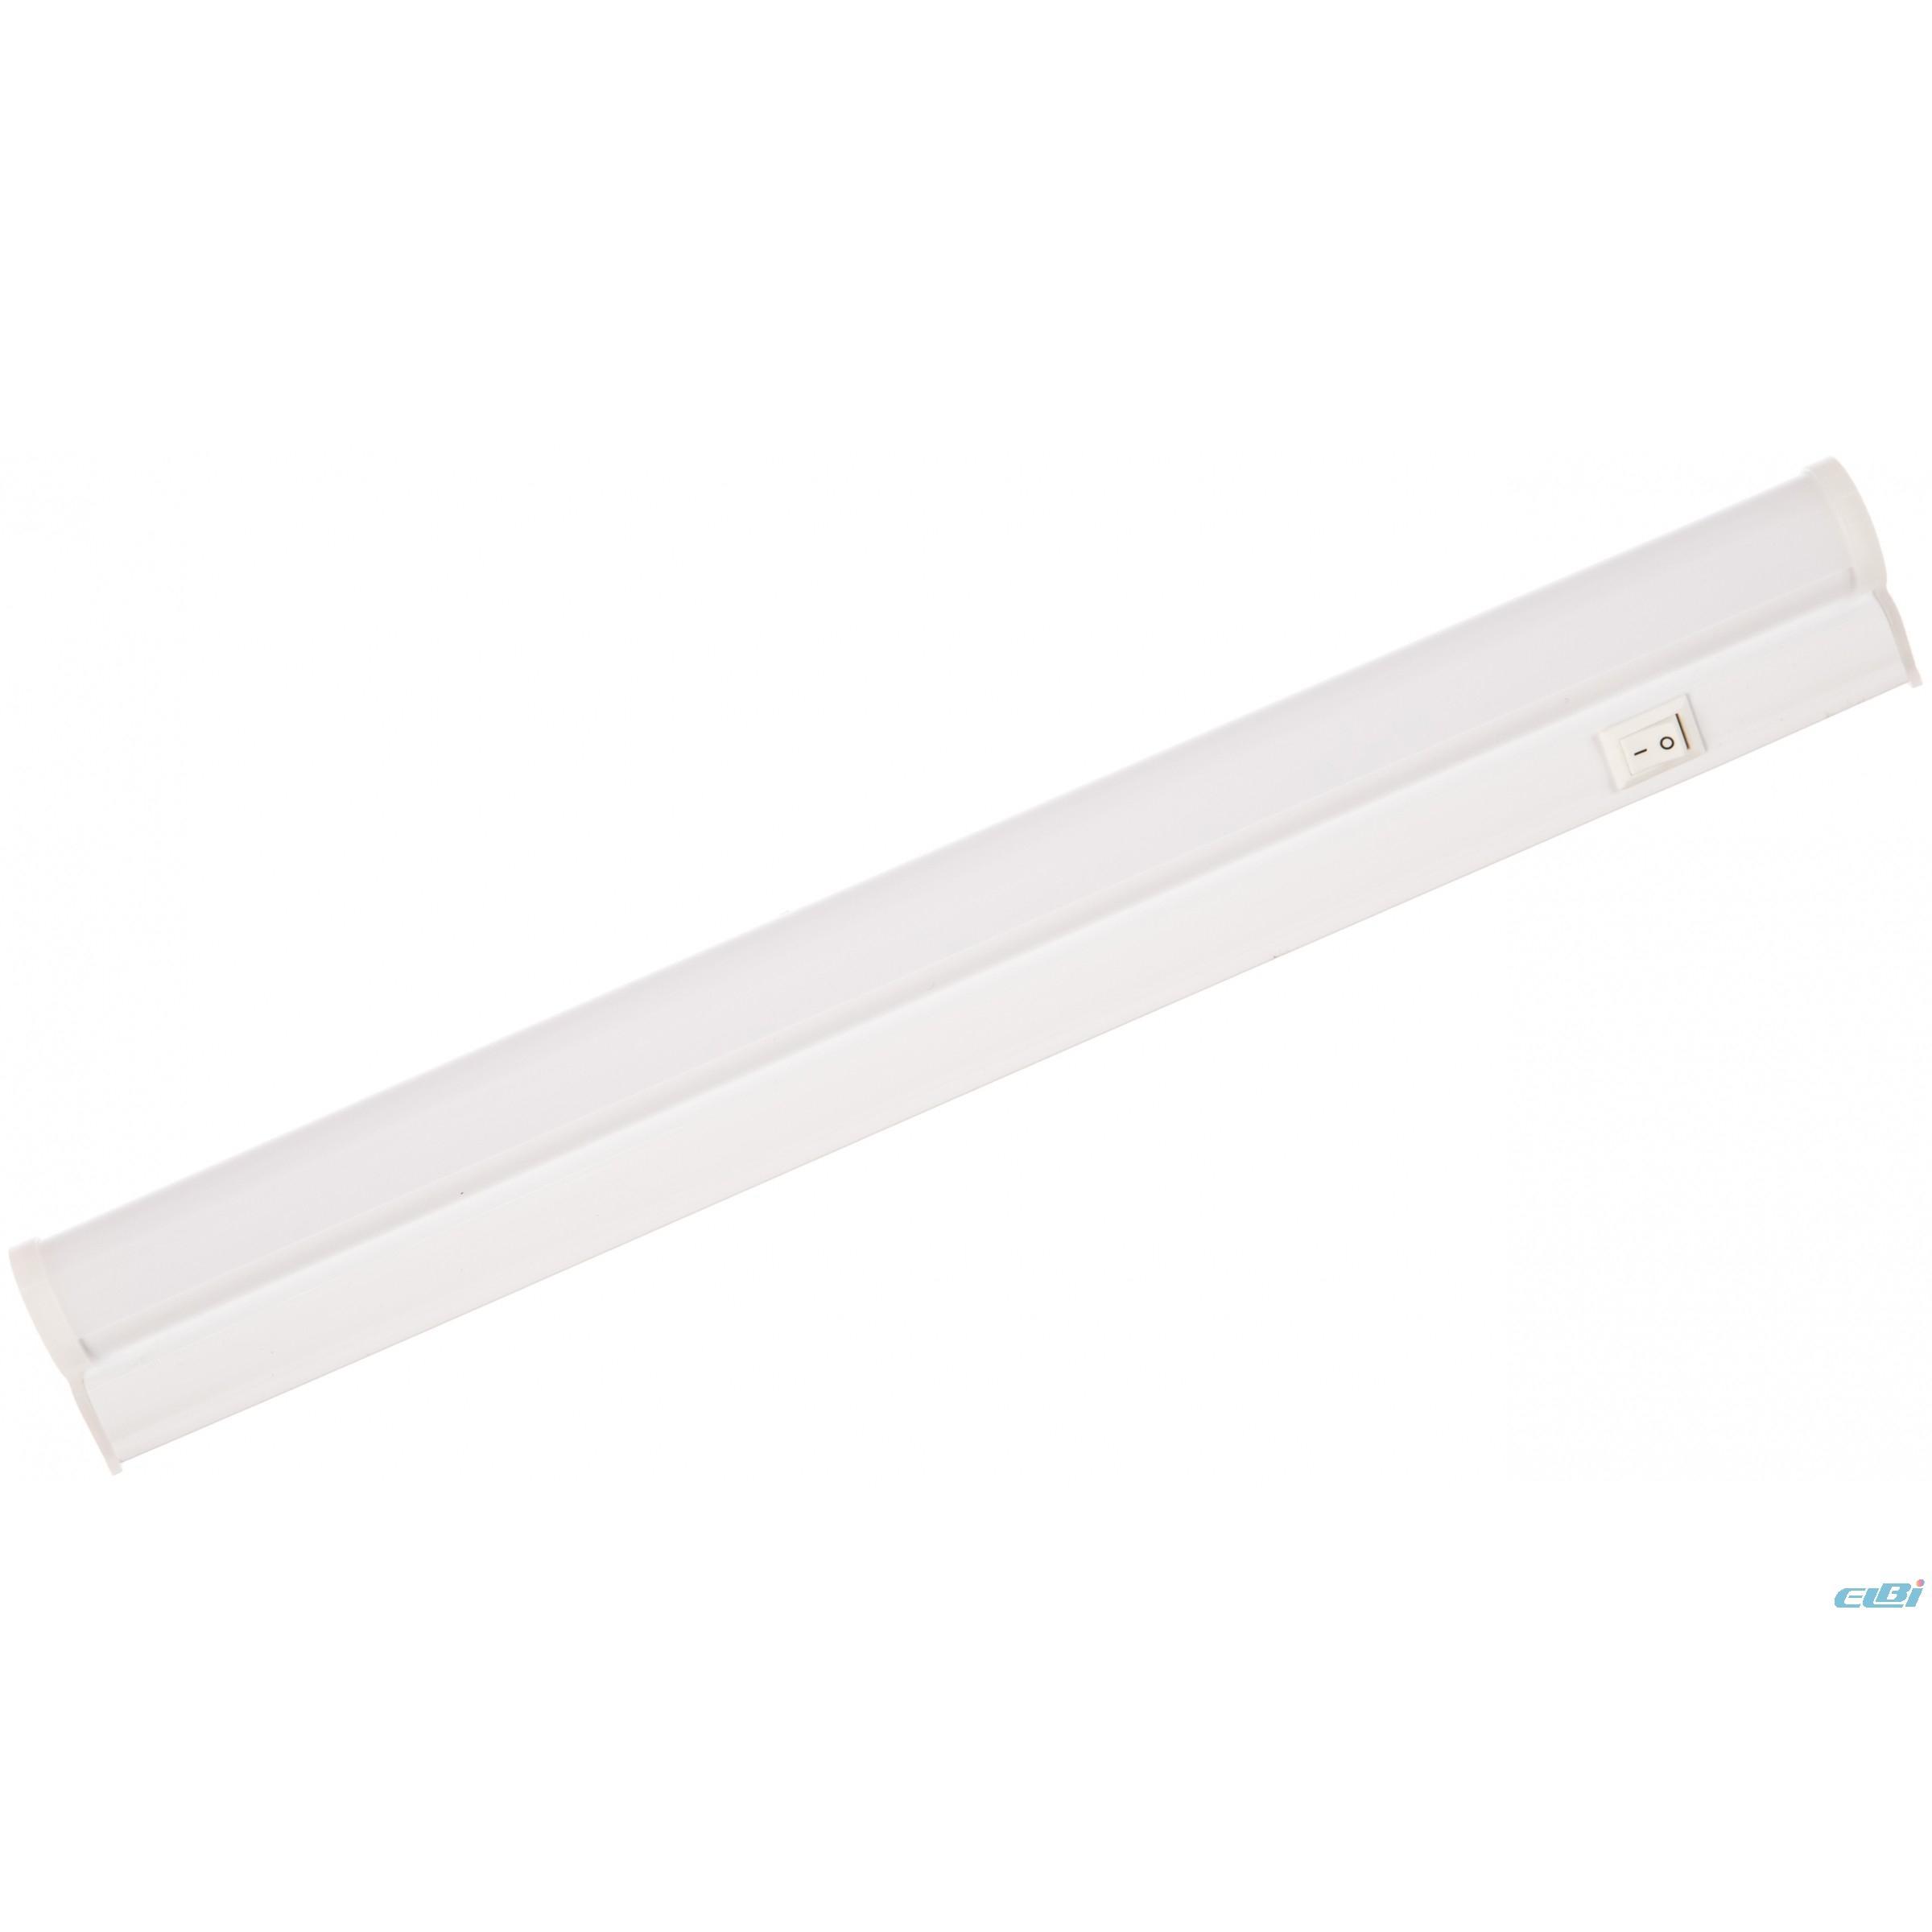 GAUSS Светильники светодиодные линейные